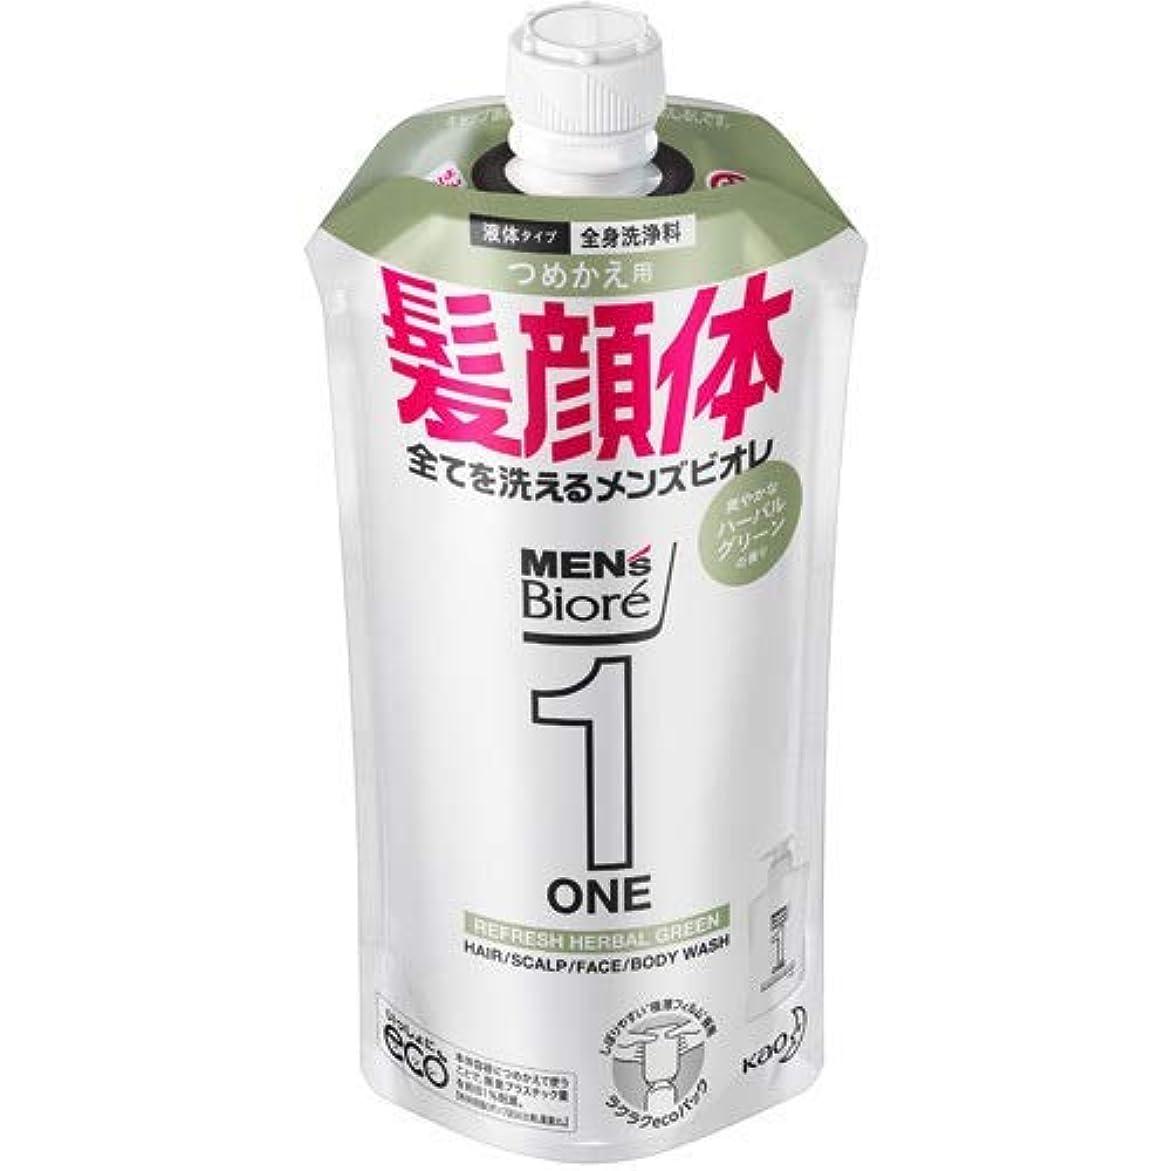 合計寄稿者ペルメル【10個セット】メンズビオレONE オールインワン全身洗浄料 爽やかなハーブルグリーンの香り つめかえ用 340mL